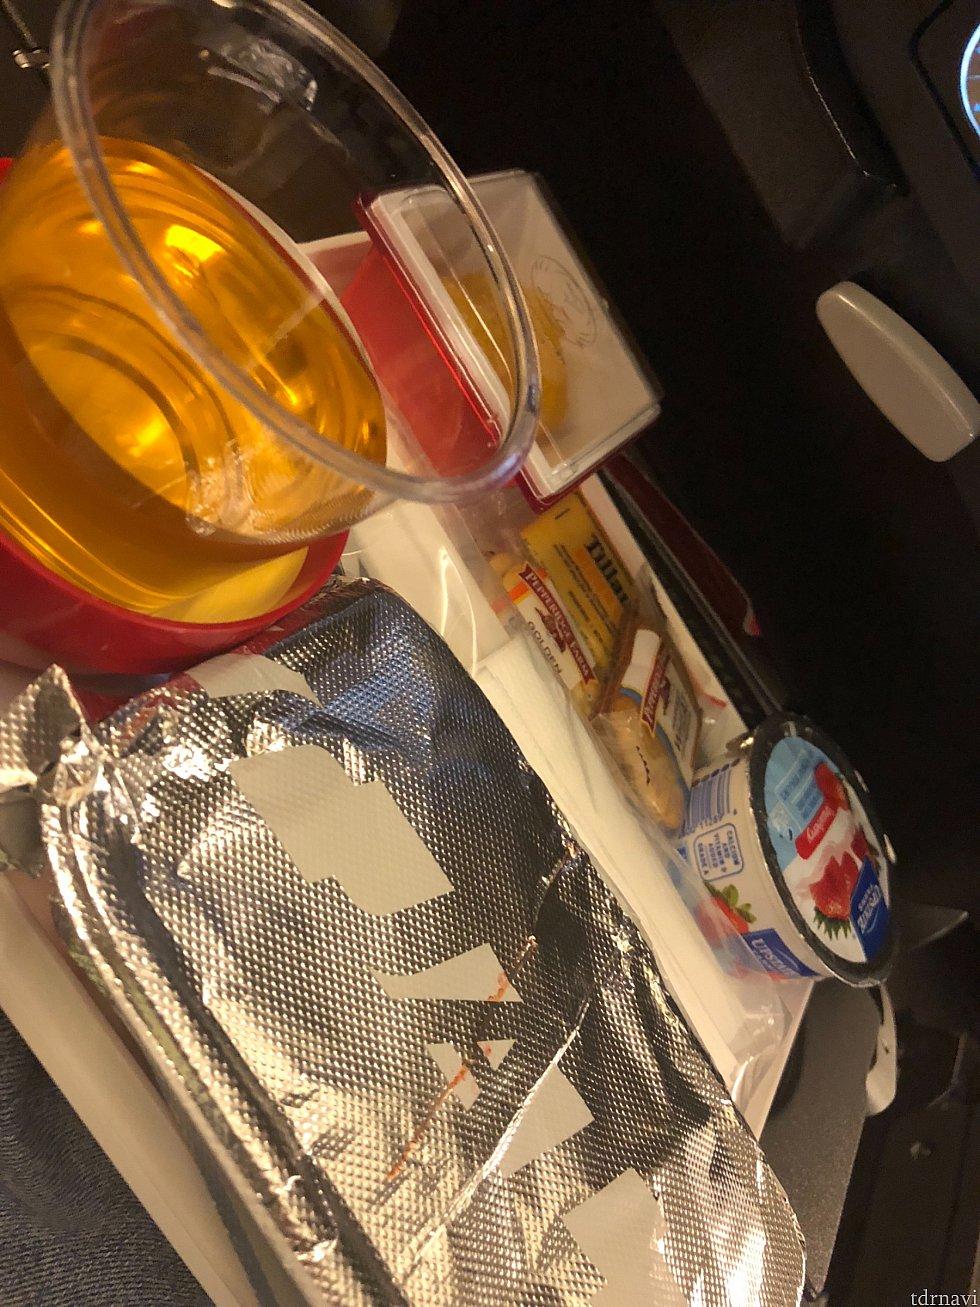 シカゴ発成田行き 機内食2食目 グラタンだったと思います。